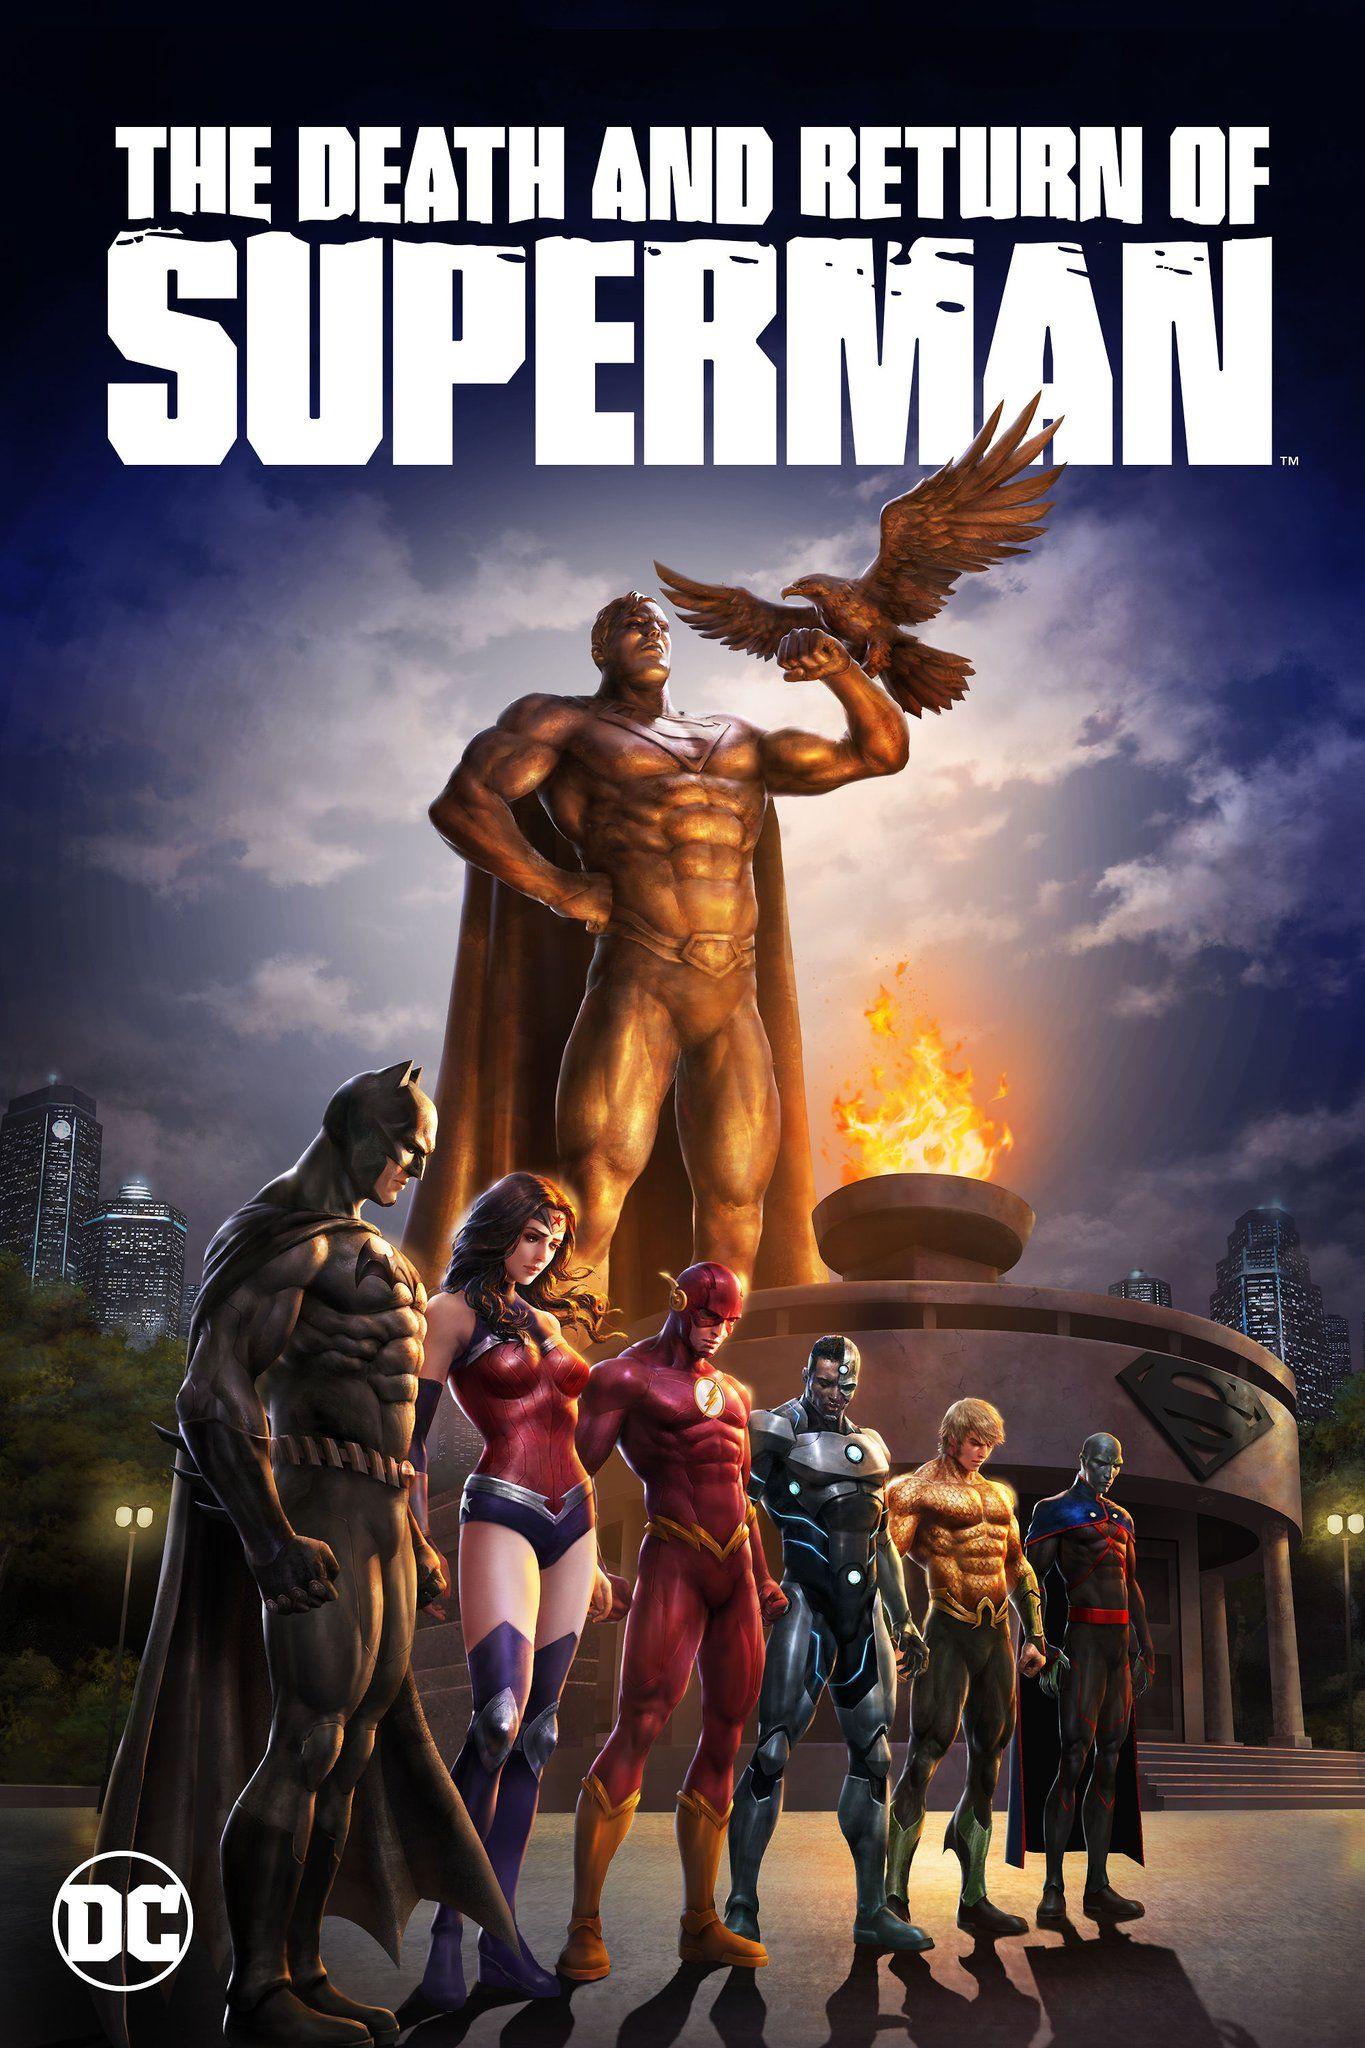 Pin De Samuel Publio Em Dc Comics Superman O Retorno Superhomem